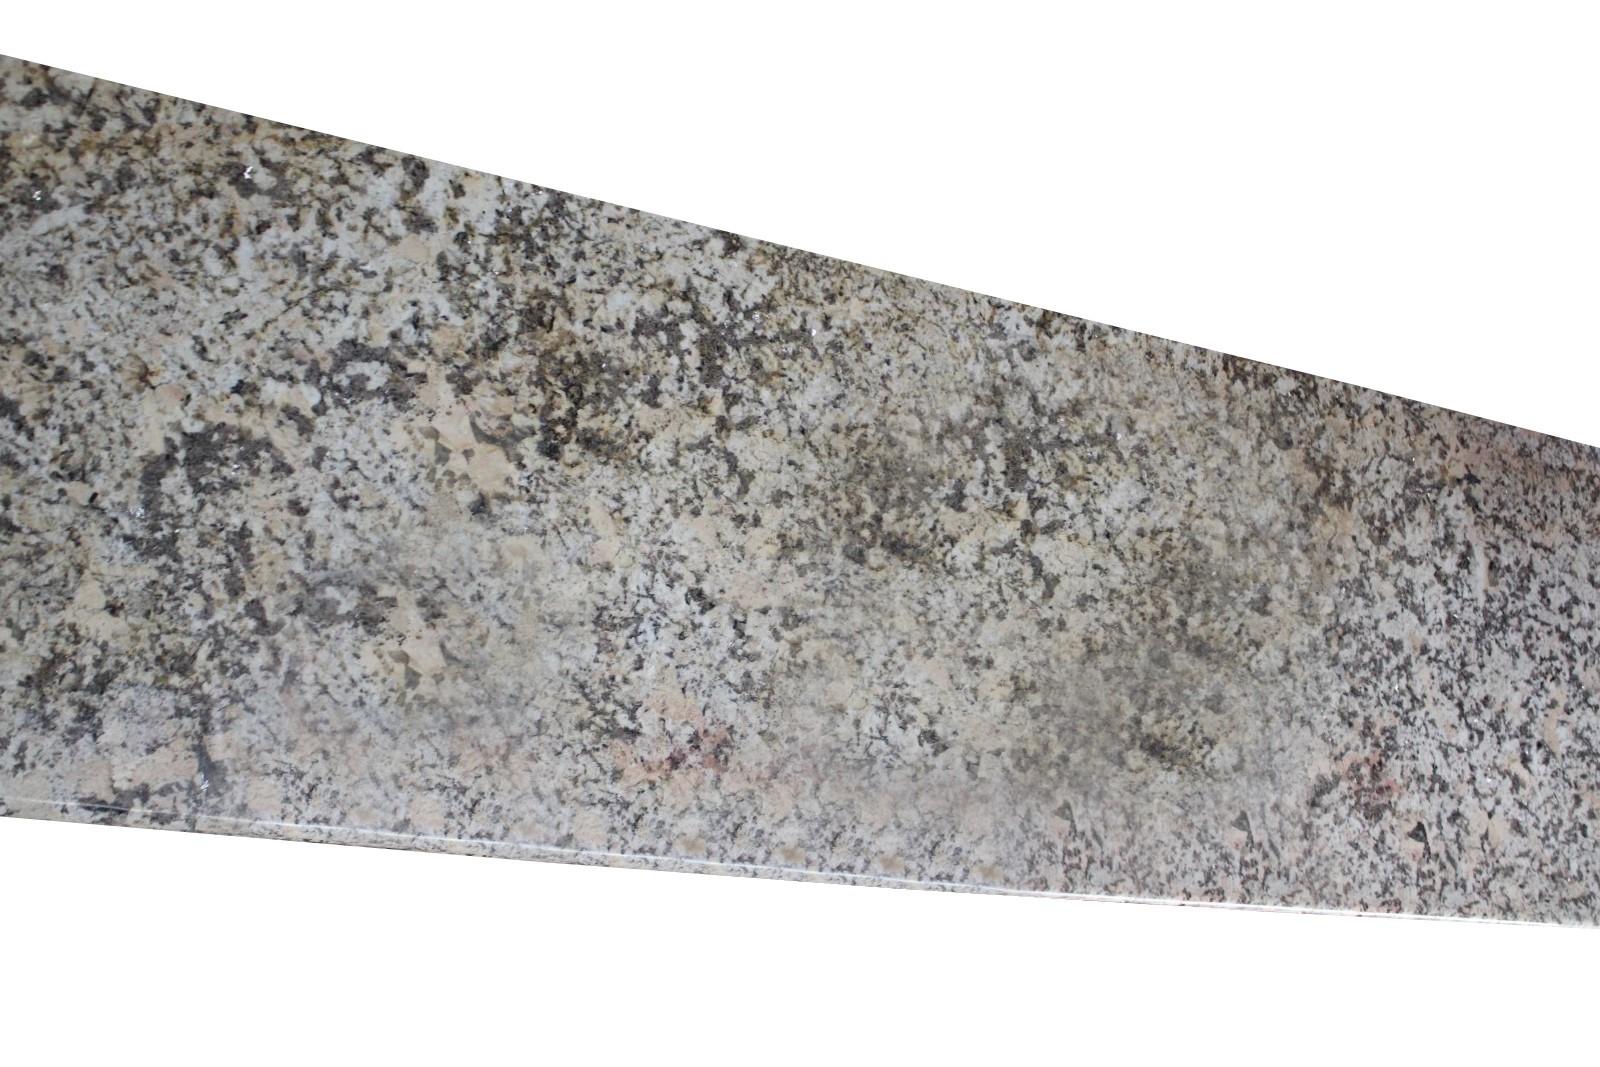 APEX Kitchen Cabinet and Granite Countertop image 19